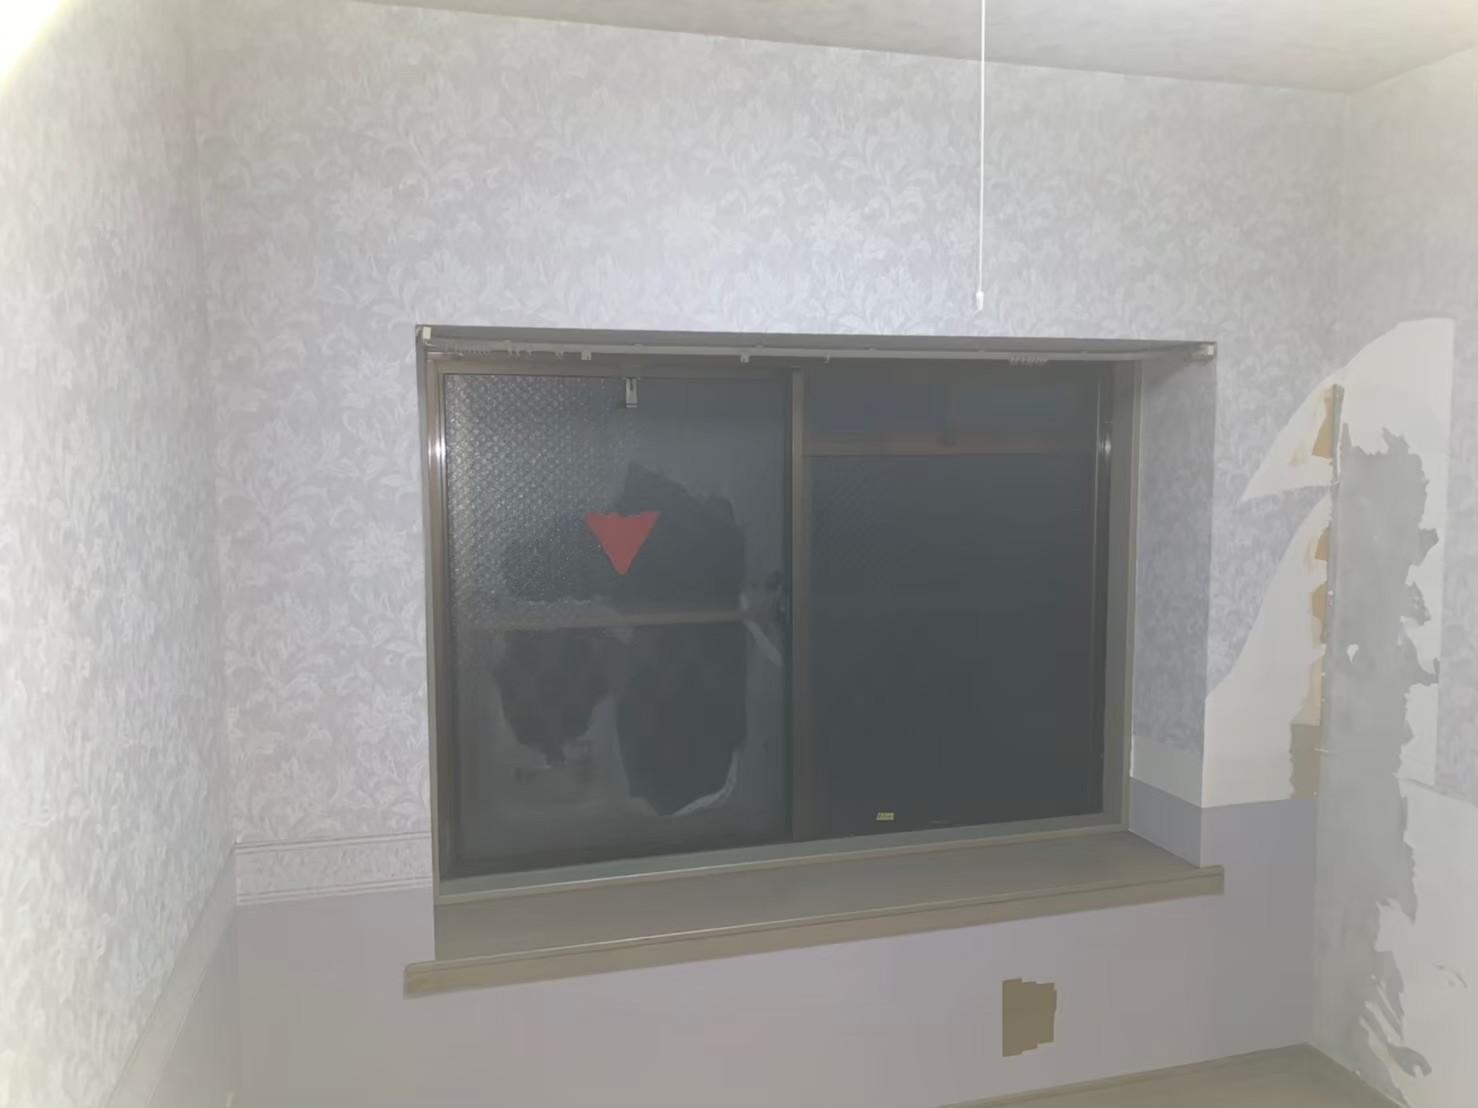 Kマンション内装リフォーム